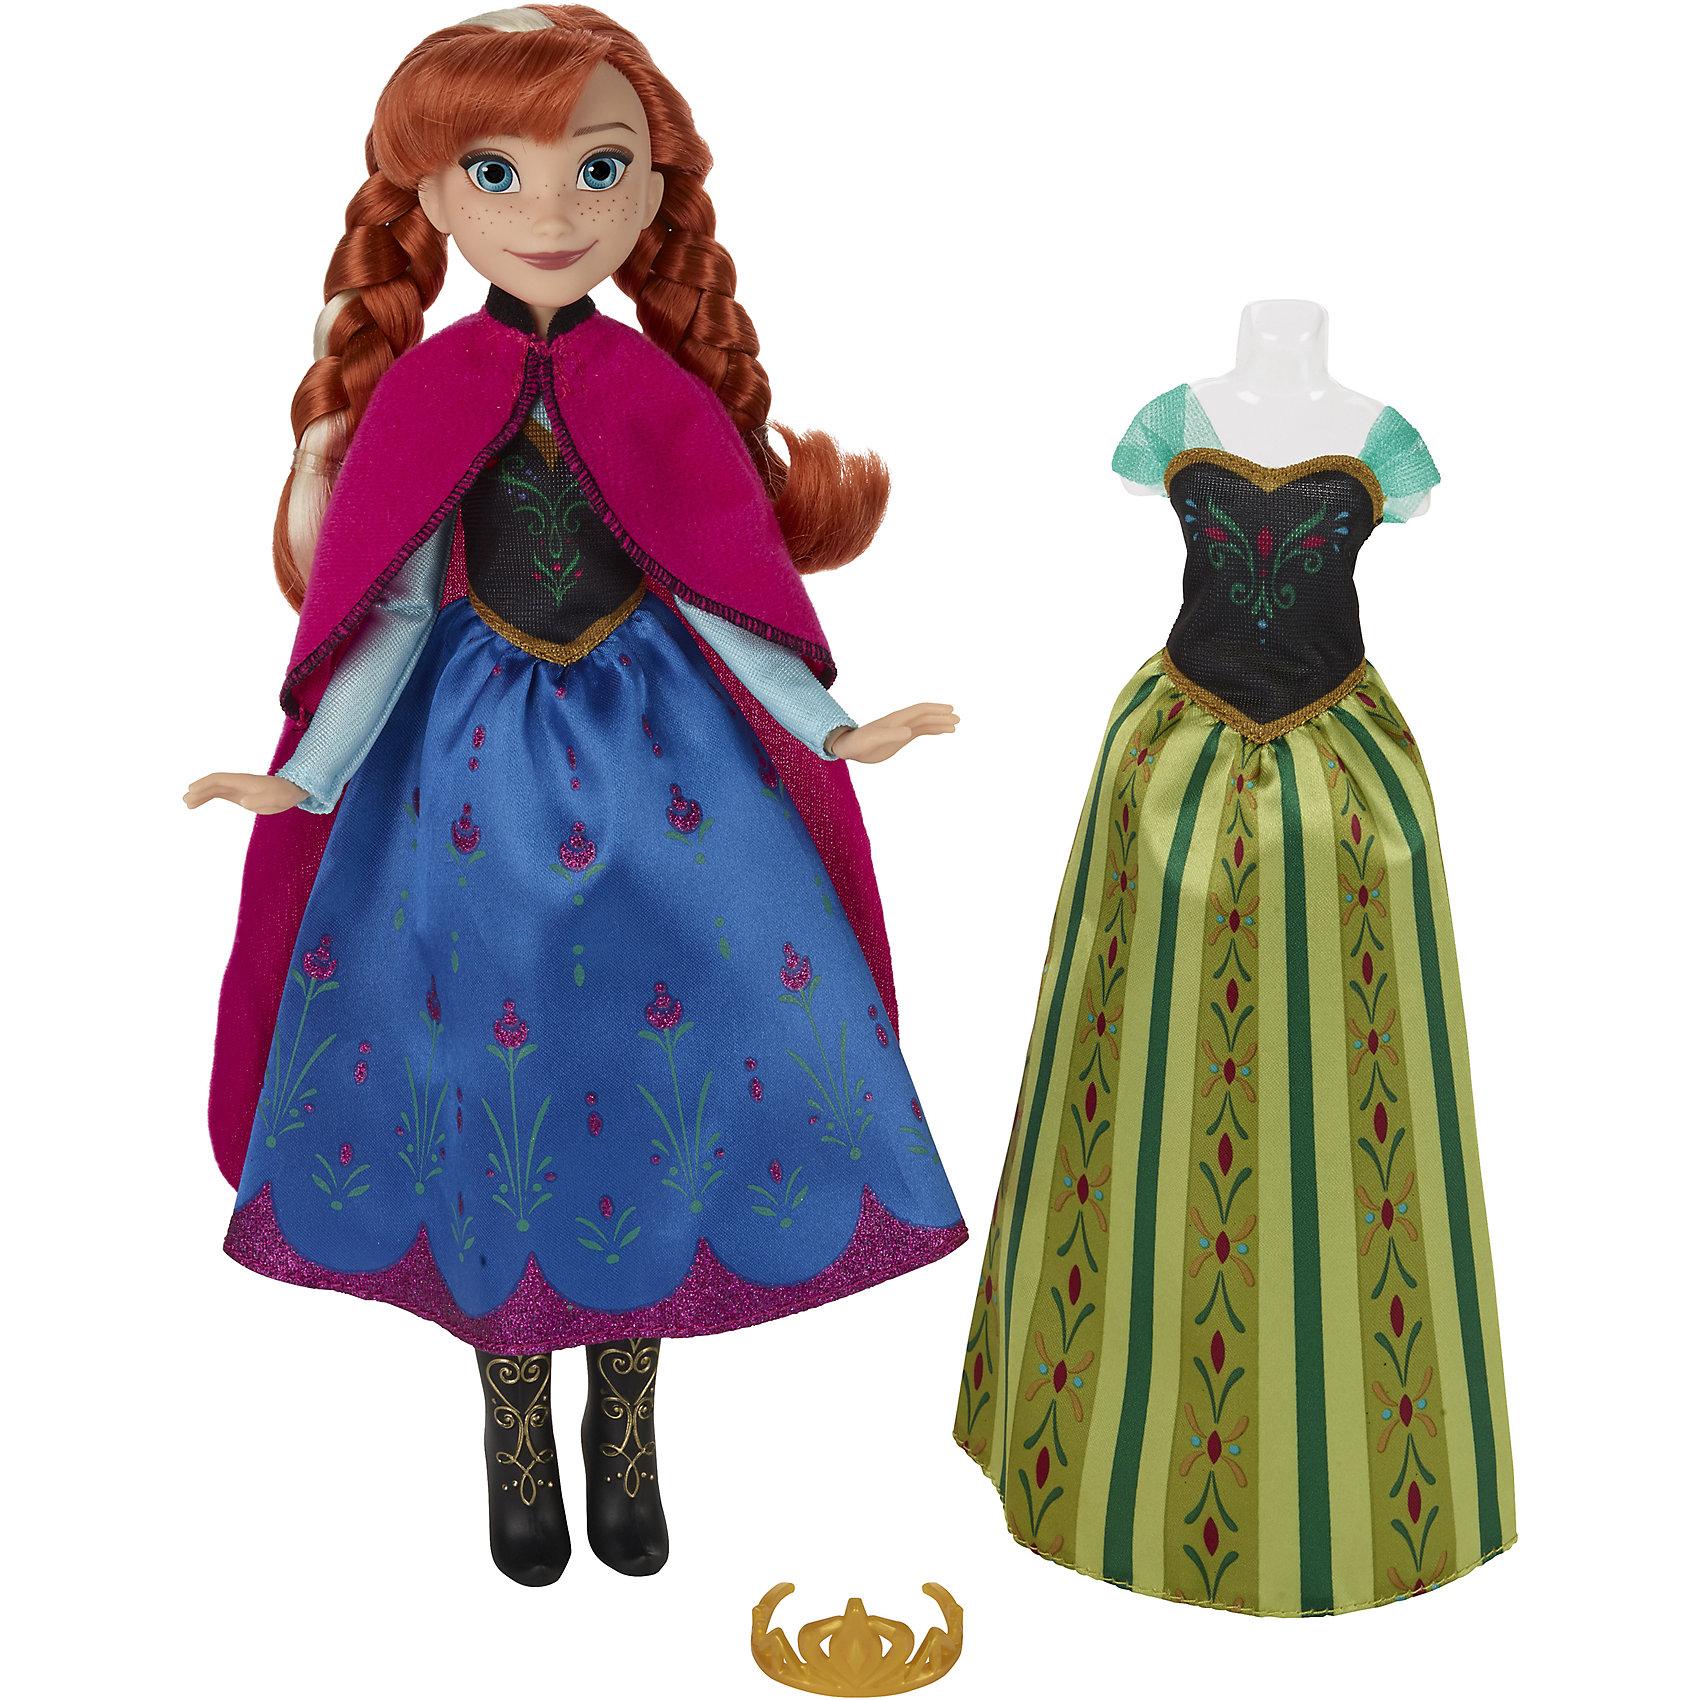 Кукла со сменным нарядом, Холодное сердцеДевочки обожают играть в куклы. Это не только весело, но и помогает развить ключевые социальные навыки! Кукла в виде персонажа из популярного диснеевского мультфильма Холодное сердце приведет в восторг любую девочку! Она одета в соответствующий мультику наряд. Её конечности подвижны, она дополнена оригинальными аксессуарами. Плюс - к кукле прилагается сменный наряд.<br>Эта кукла обязательно порадует ребенка! Он станет отличным подарком и поможет девочке развивать свою фантазию и мелкую моторику. Игрушка сделана из качественных и безопасных для ребенка материалов.<br><br>Дополнительная информация:<br><br>цвет: разноцветный;<br>высота: 26-28 см;<br>комплектация: кукла, одежда, аксессуары;<br>материал: пластик, текстиль.<br><br>Куклу со сменным нарядом, Холодное сердце можно купить в нашем магазине.<br><br>Ширина мм: 327<br>Глубина мм: 205<br>Высота мм: 66<br>Вес г: 254<br>Возраст от месяцев: 36<br>Возраст до месяцев: 72<br>Пол: Женский<br>Возраст: Детский<br>SKU: 4811737